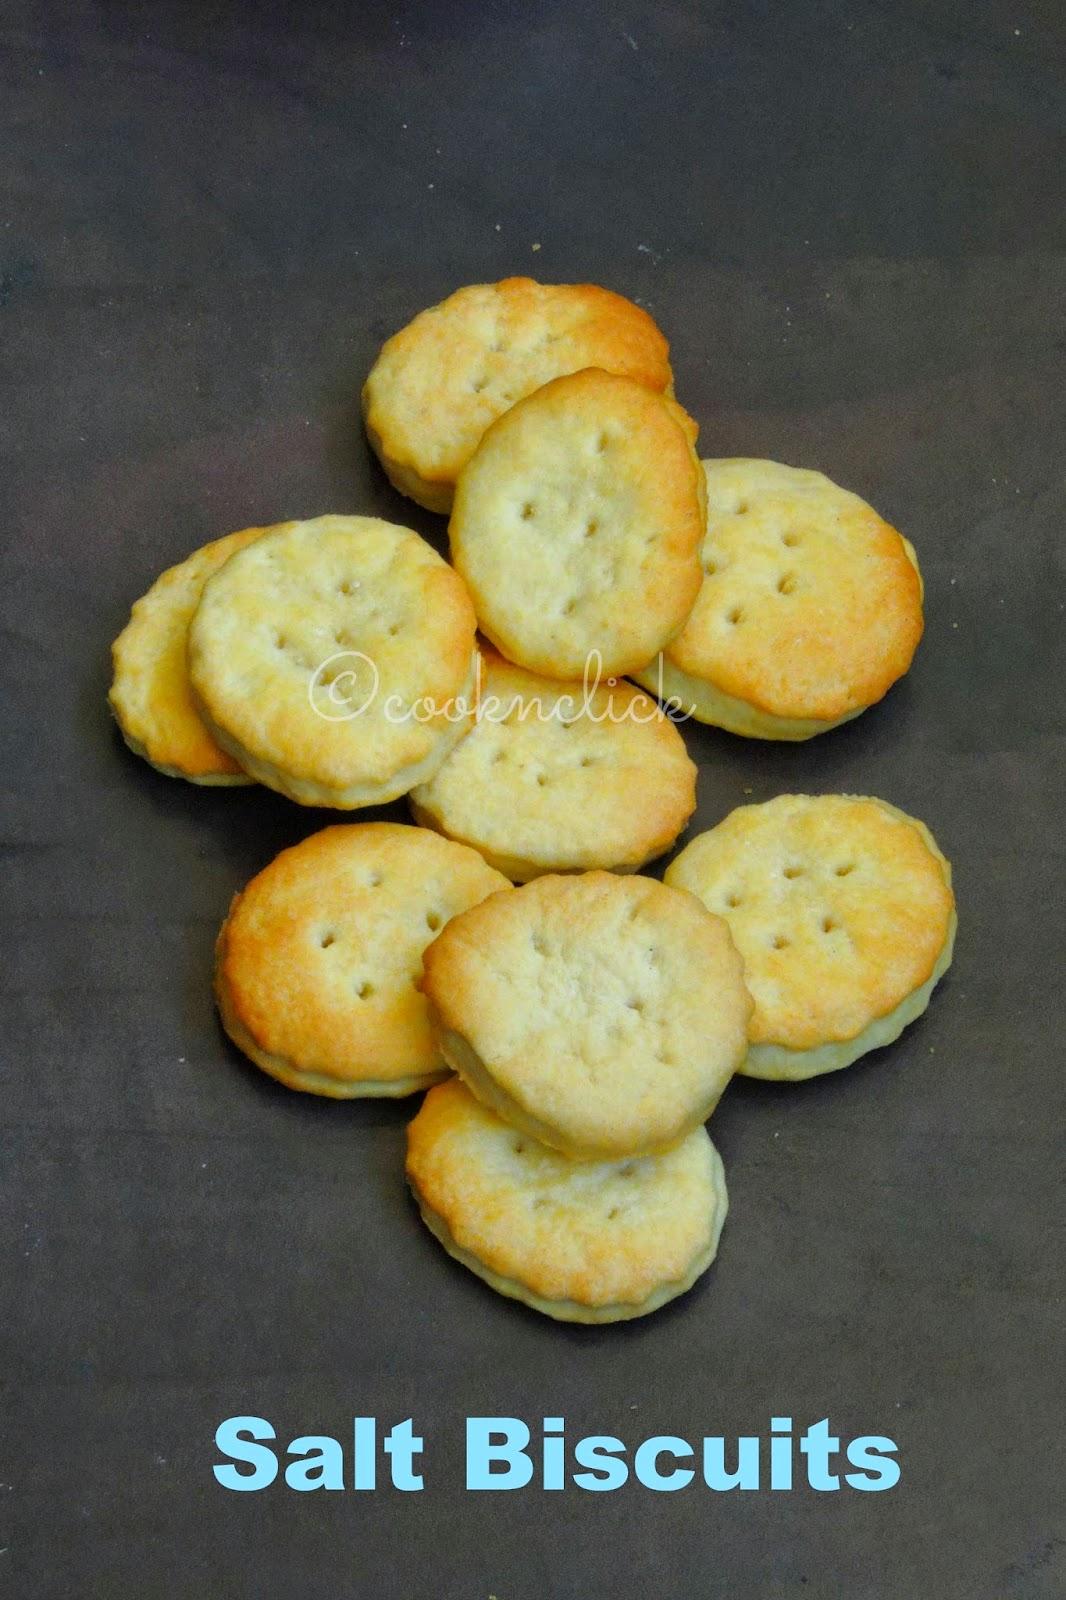 Salt biscuits, Sweet Salt biscuits